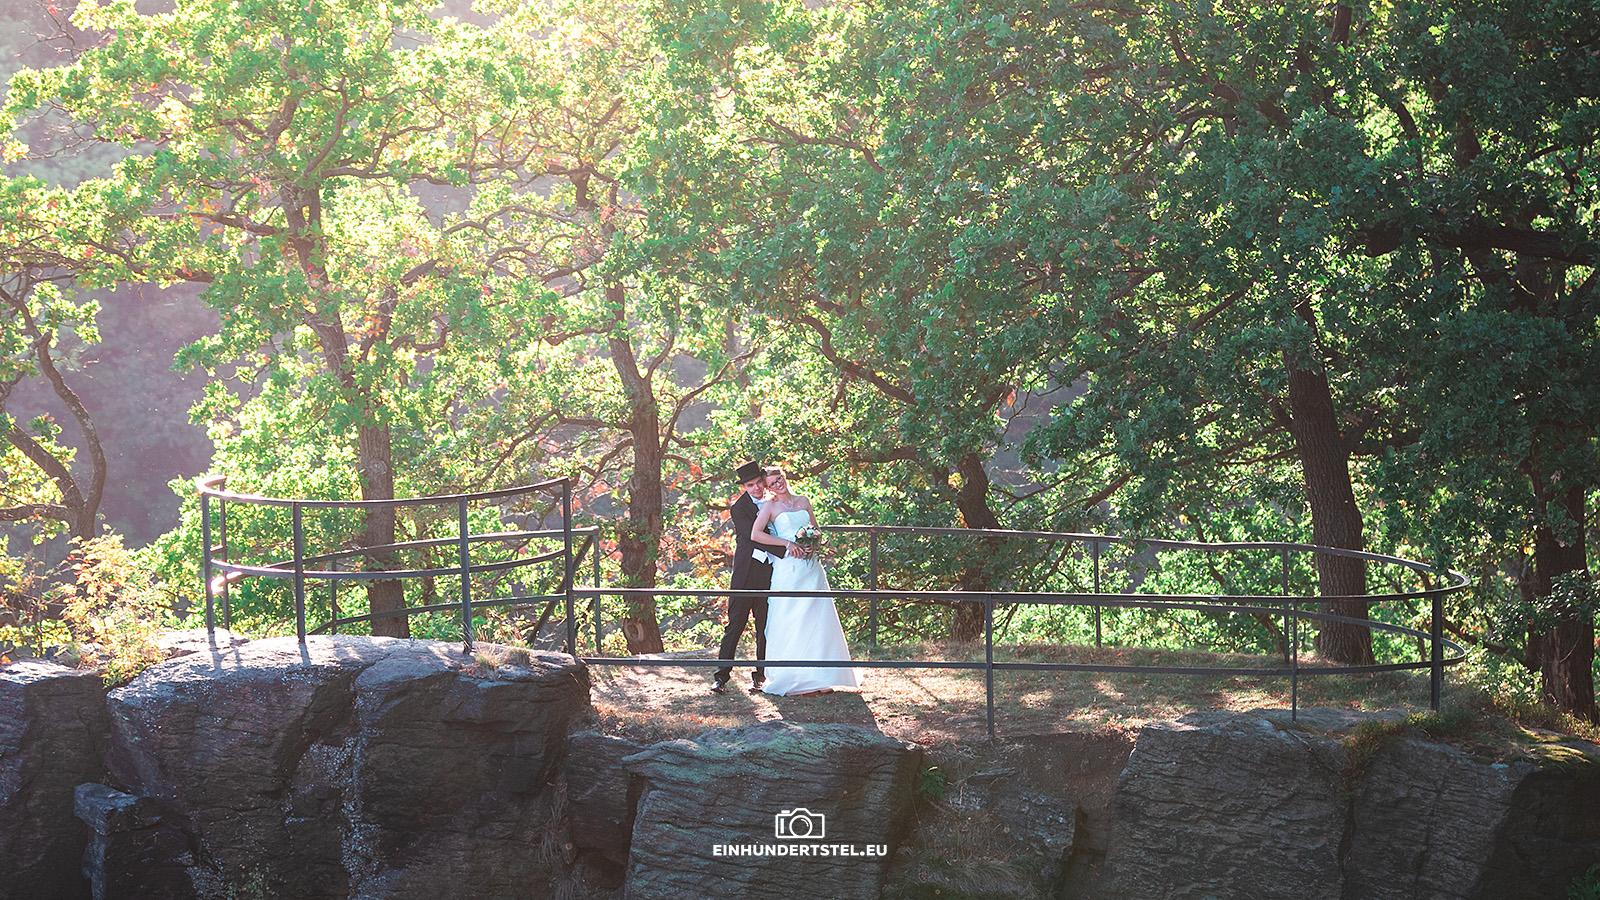 Brautpaar auf Felsen mit vielen Bäumen im Hintergrund bei Sonnenuntergang